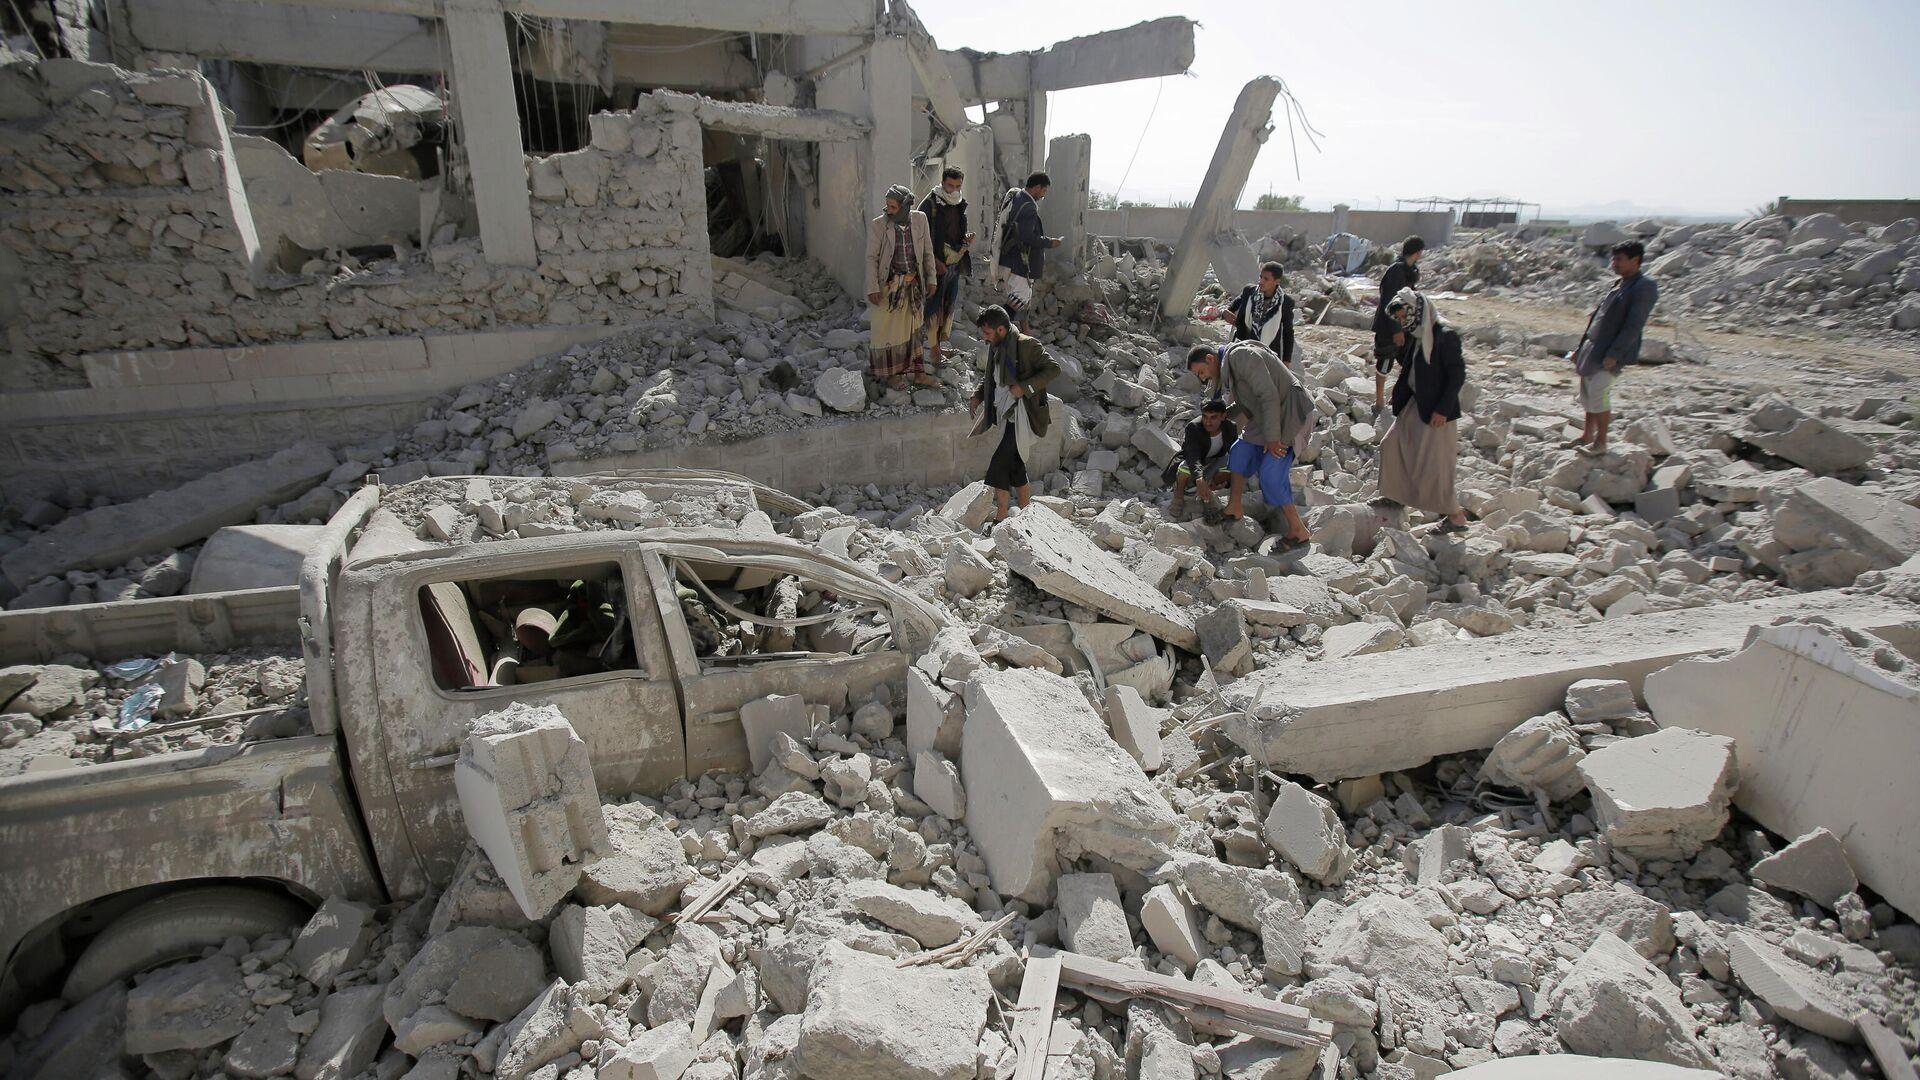 Разрушения в провинции Дхамар на юго-западе Йемена в результате авиаударов - РИА Новости, 1920, 27.05.2021